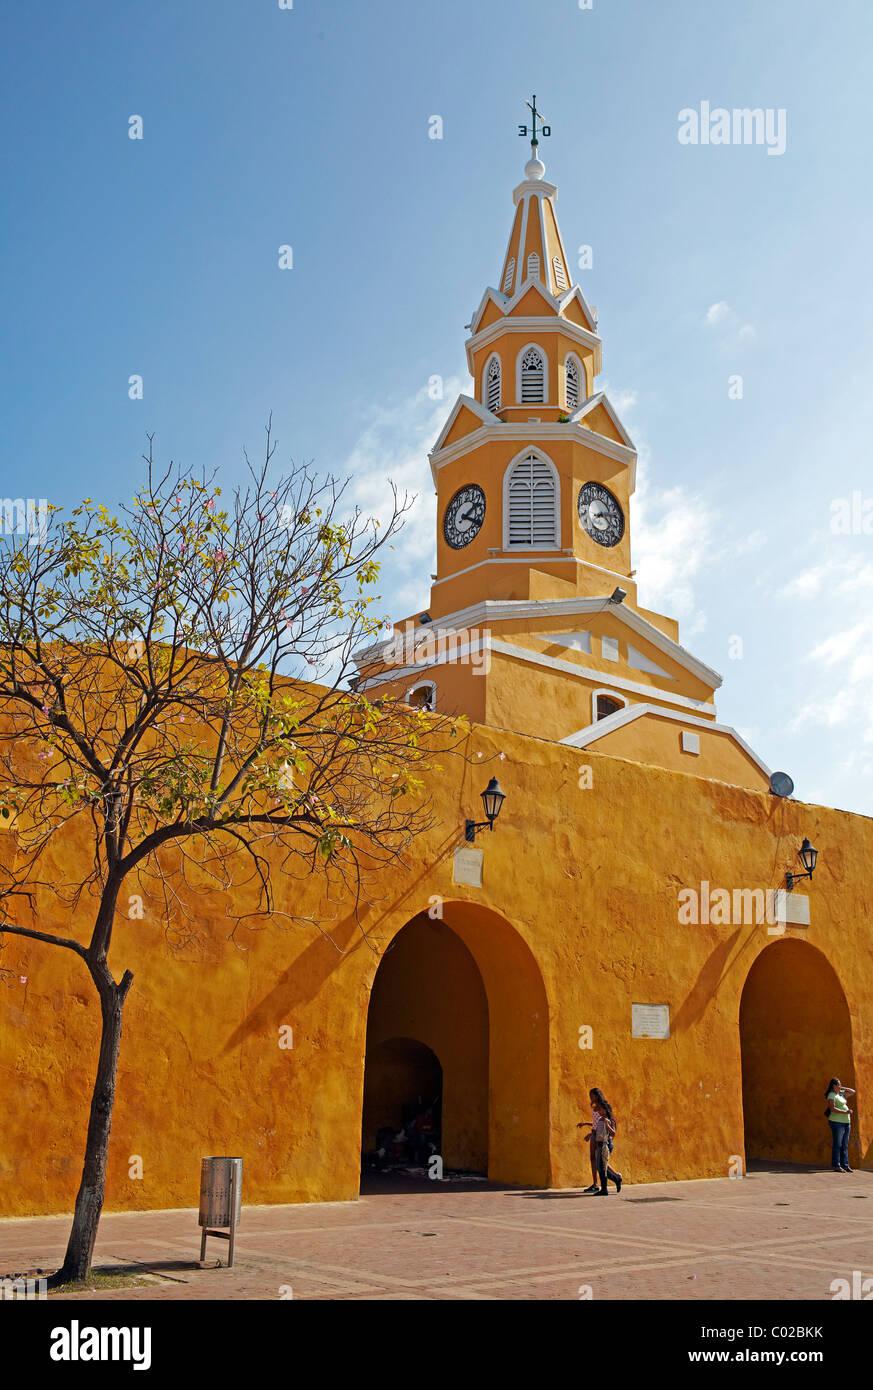 Tour de l'horloge jaune, vieille ville de Carthagène, Colombie Photo Stock